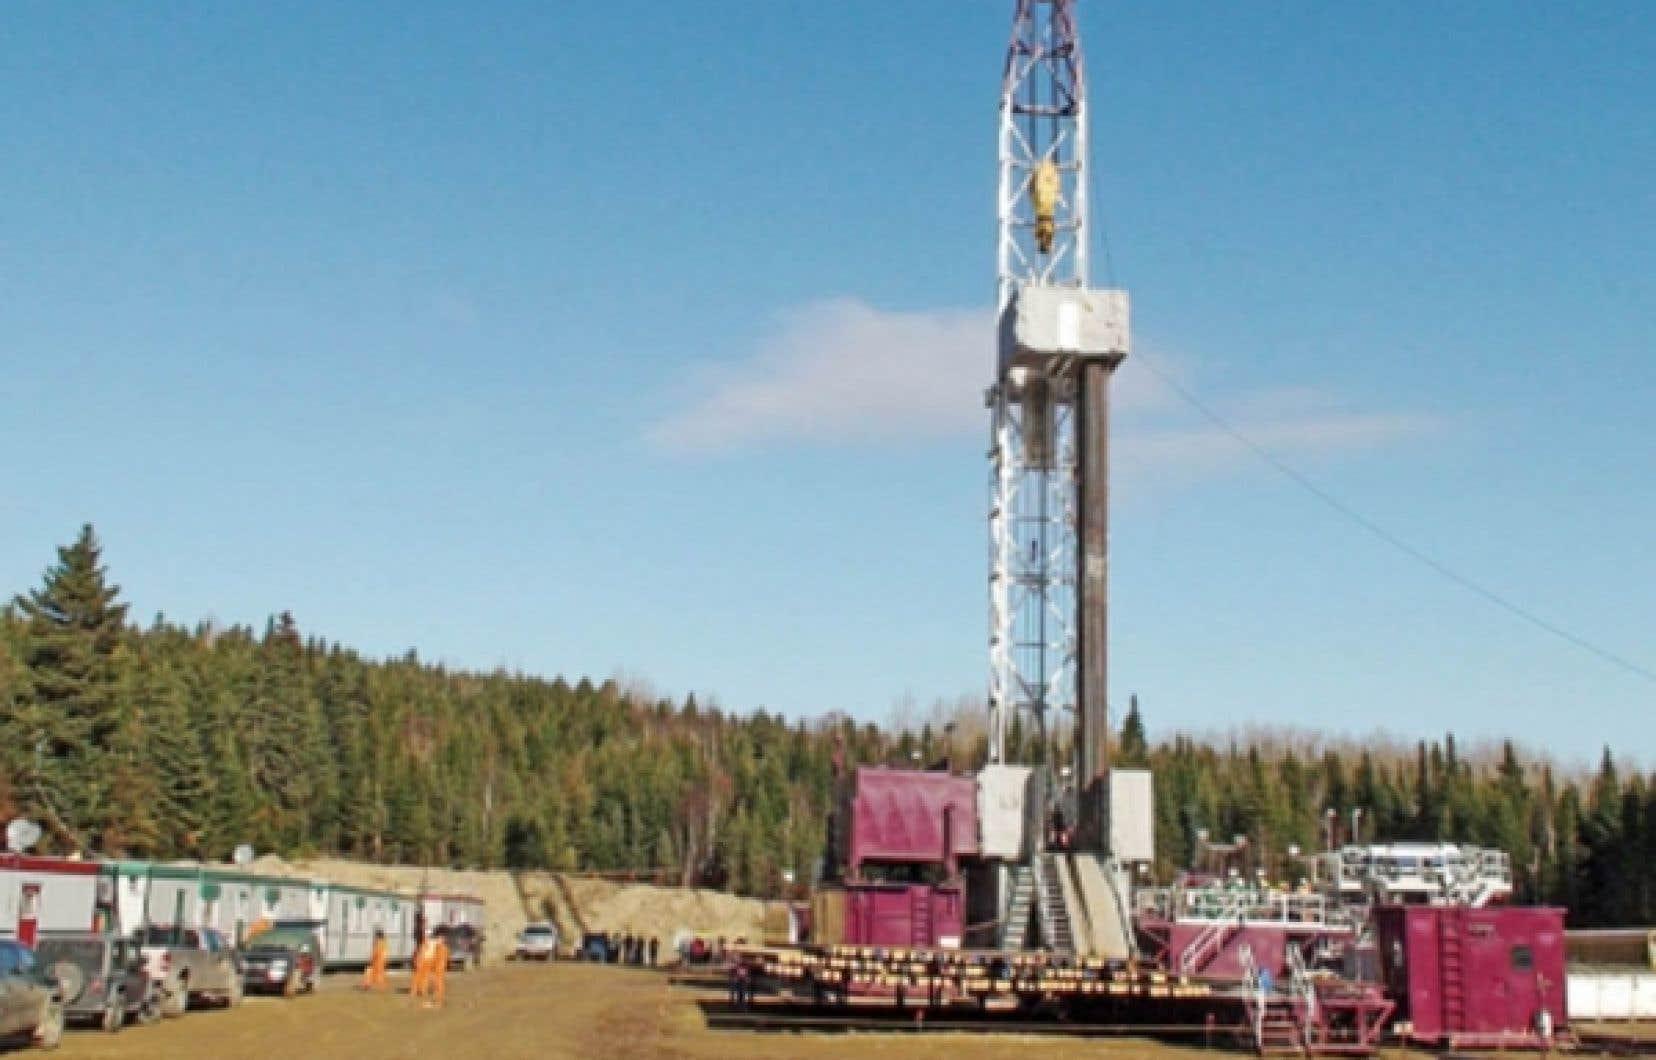 Même s'il y a des puits très généreux, ils sont souvent entourés par de vastes zones embrassant des puits pauvres. Dans certains cas, le forage et l'exploitation coûteraient plus cher que la valeur du gaz que les puits renferment.